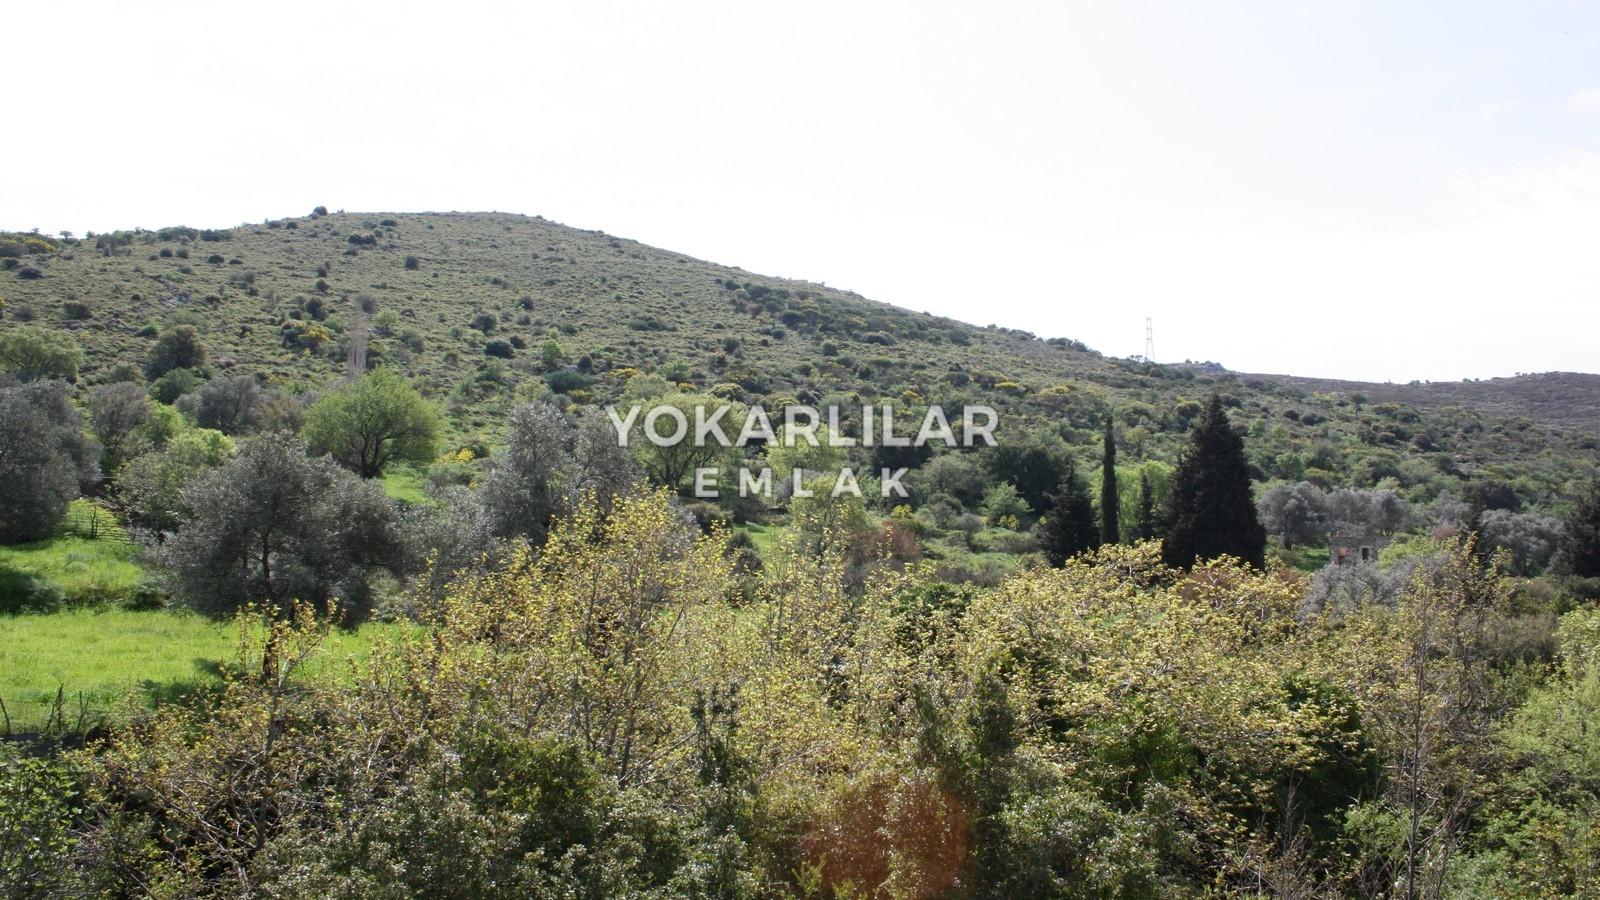 Yokarlılar Emlak - Bodrum/Satılık-Arsa/bodrum-derekoy'de-satilik-kelepir--ciftlik-arazisi